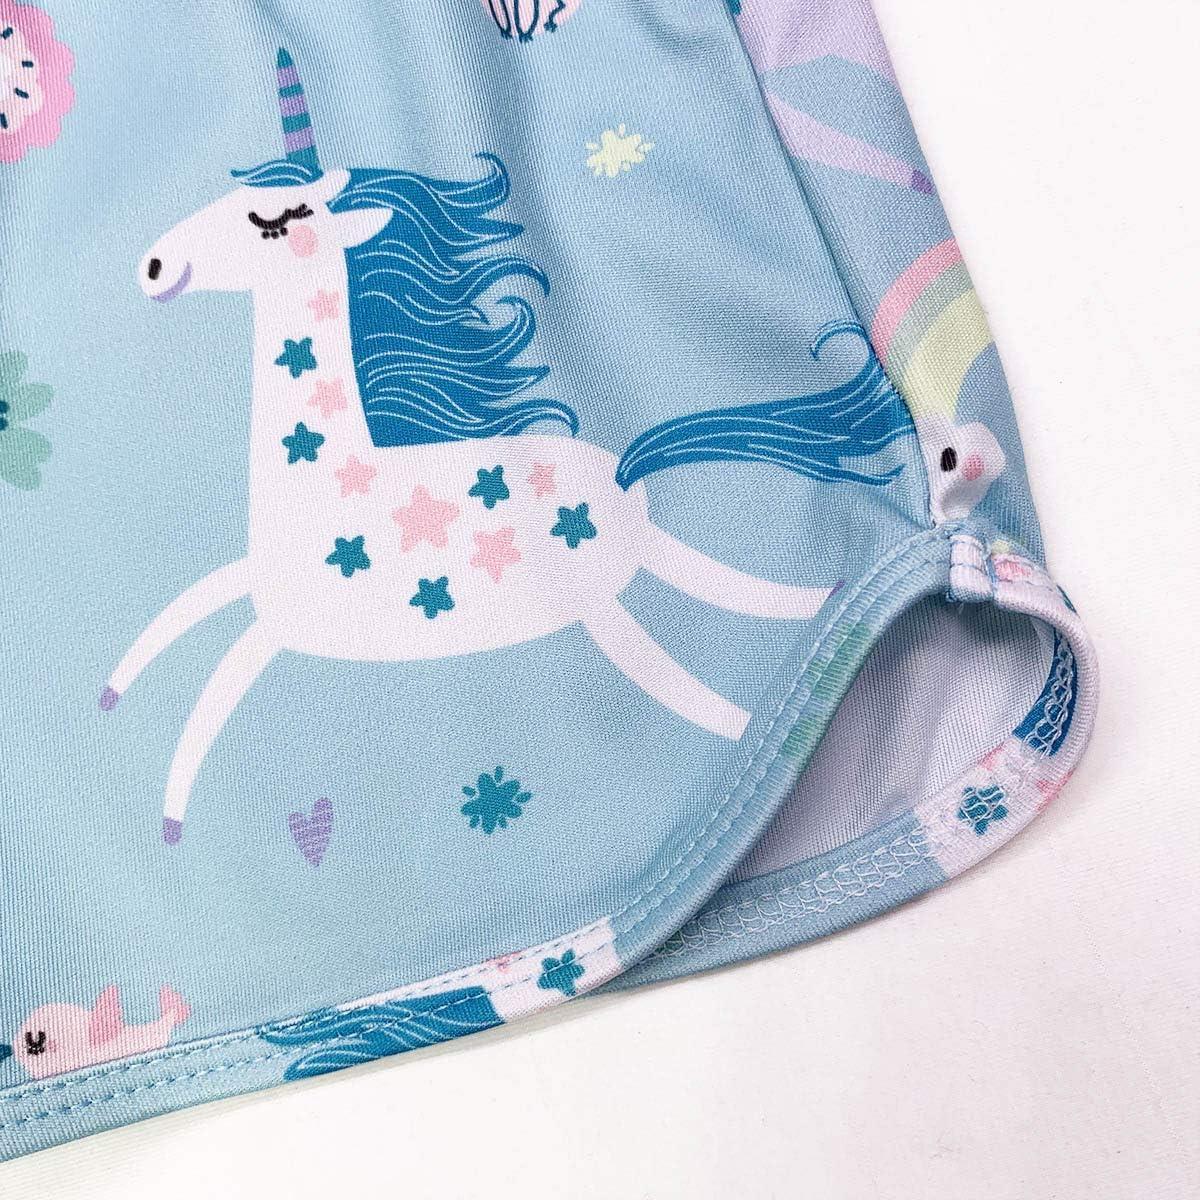 ModaIOO Ragazze Unicorno Dinosauro Sirena Farfalla Manica Corta per Bambini 2 Pezzi Pigiama Set